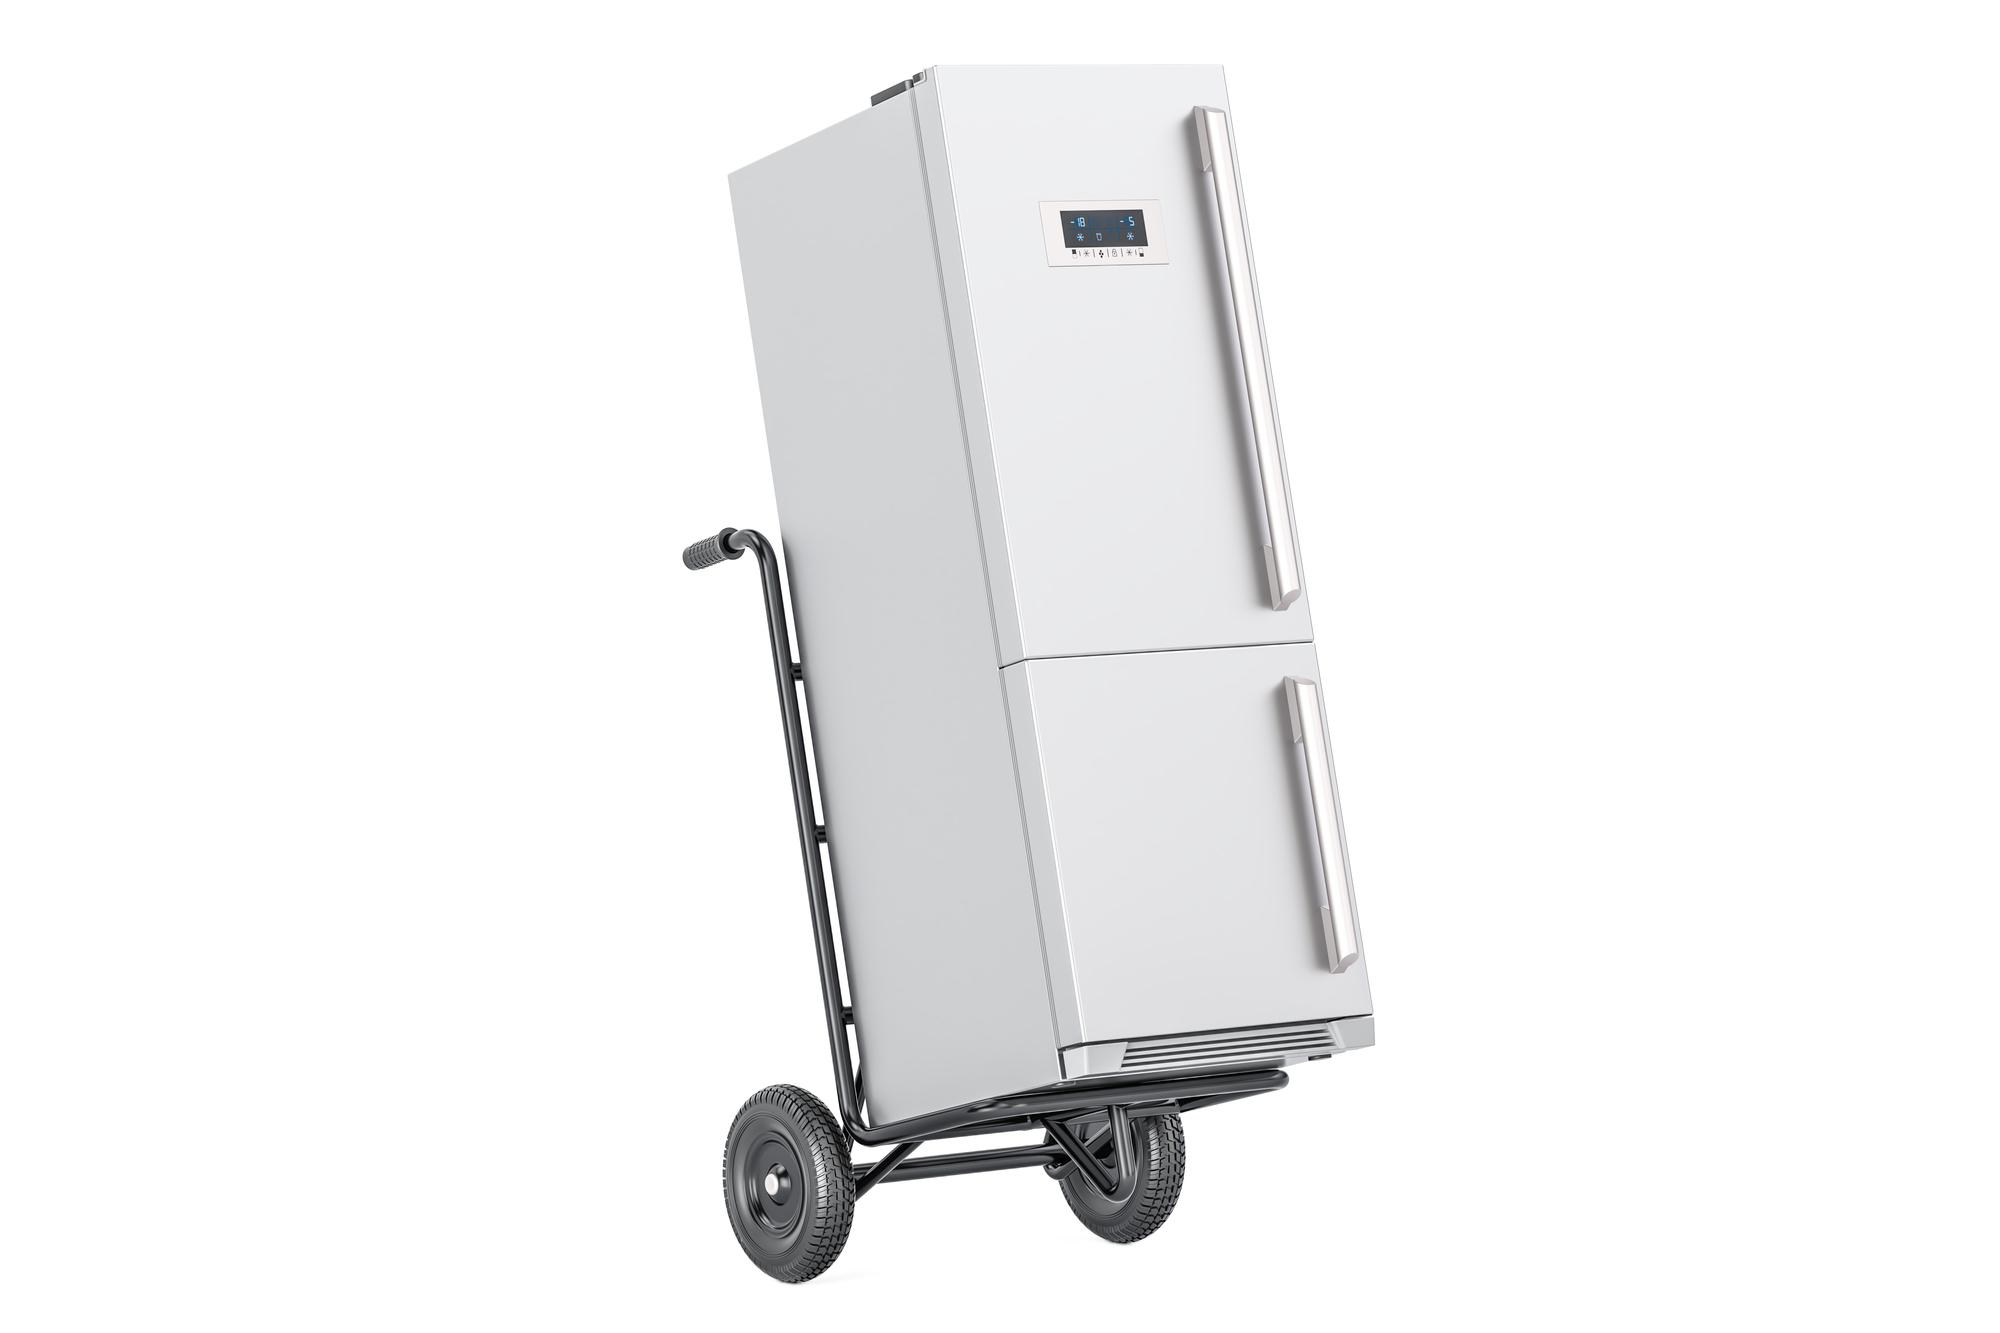 台車で運ばれる冷蔵庫